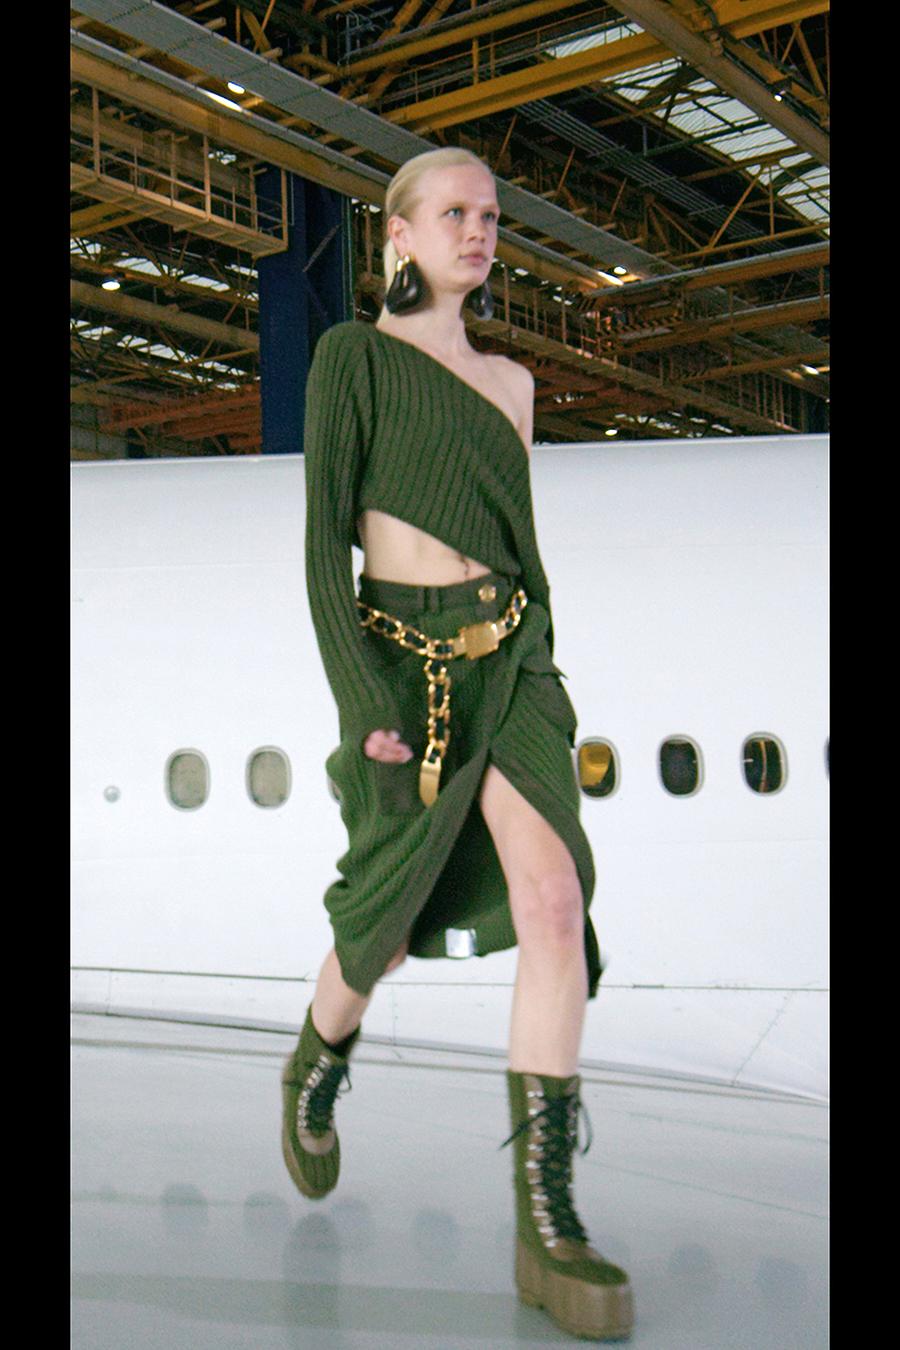 тренды осень зима 2021 2021 трикотаж вязаный костюм юбка свитер топ асимметричный зеленый